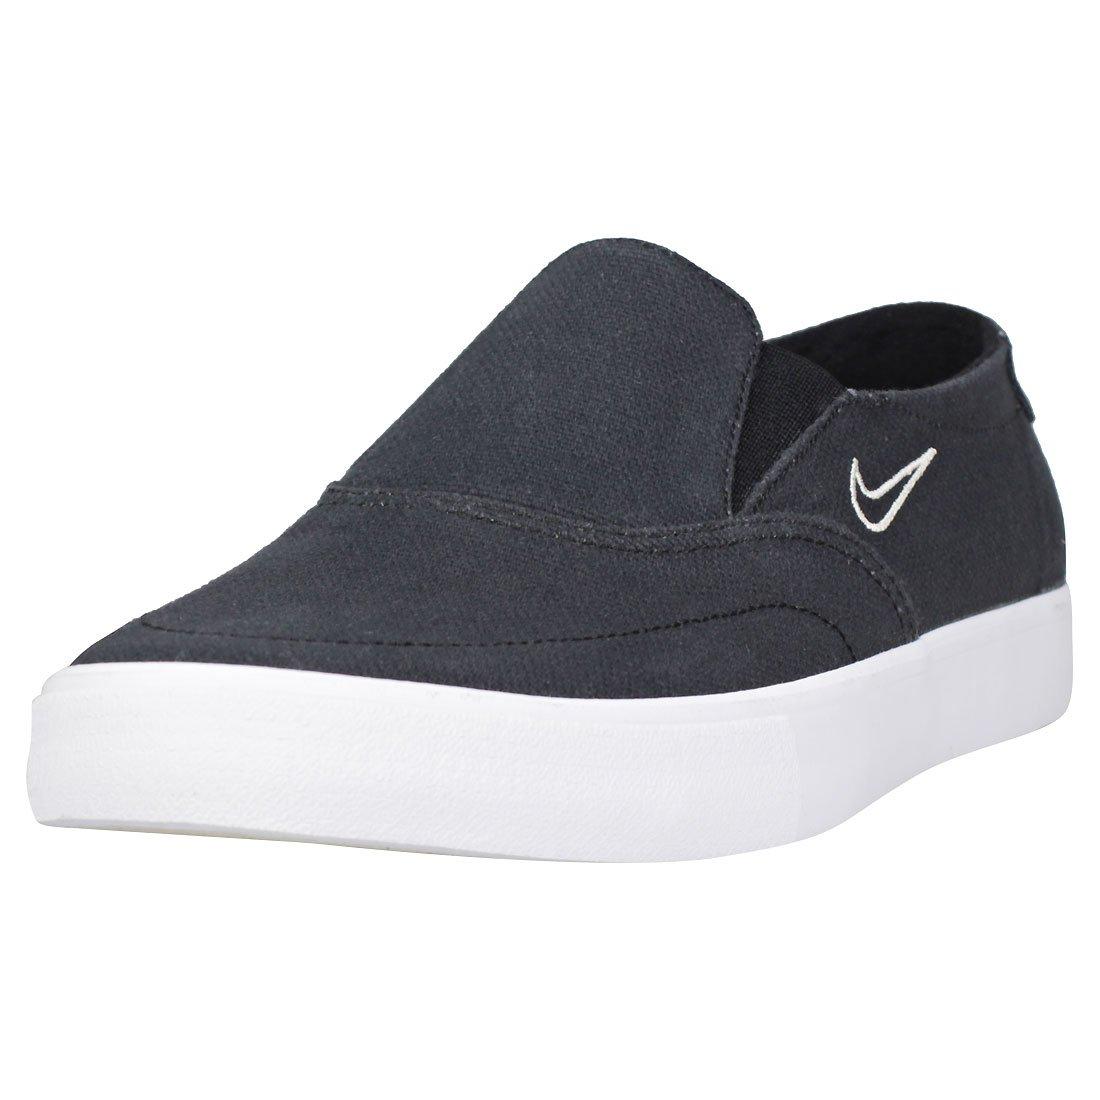 Nike Unisex's Sb Portmore Ii SLR SLP C Skateboarding Shoes